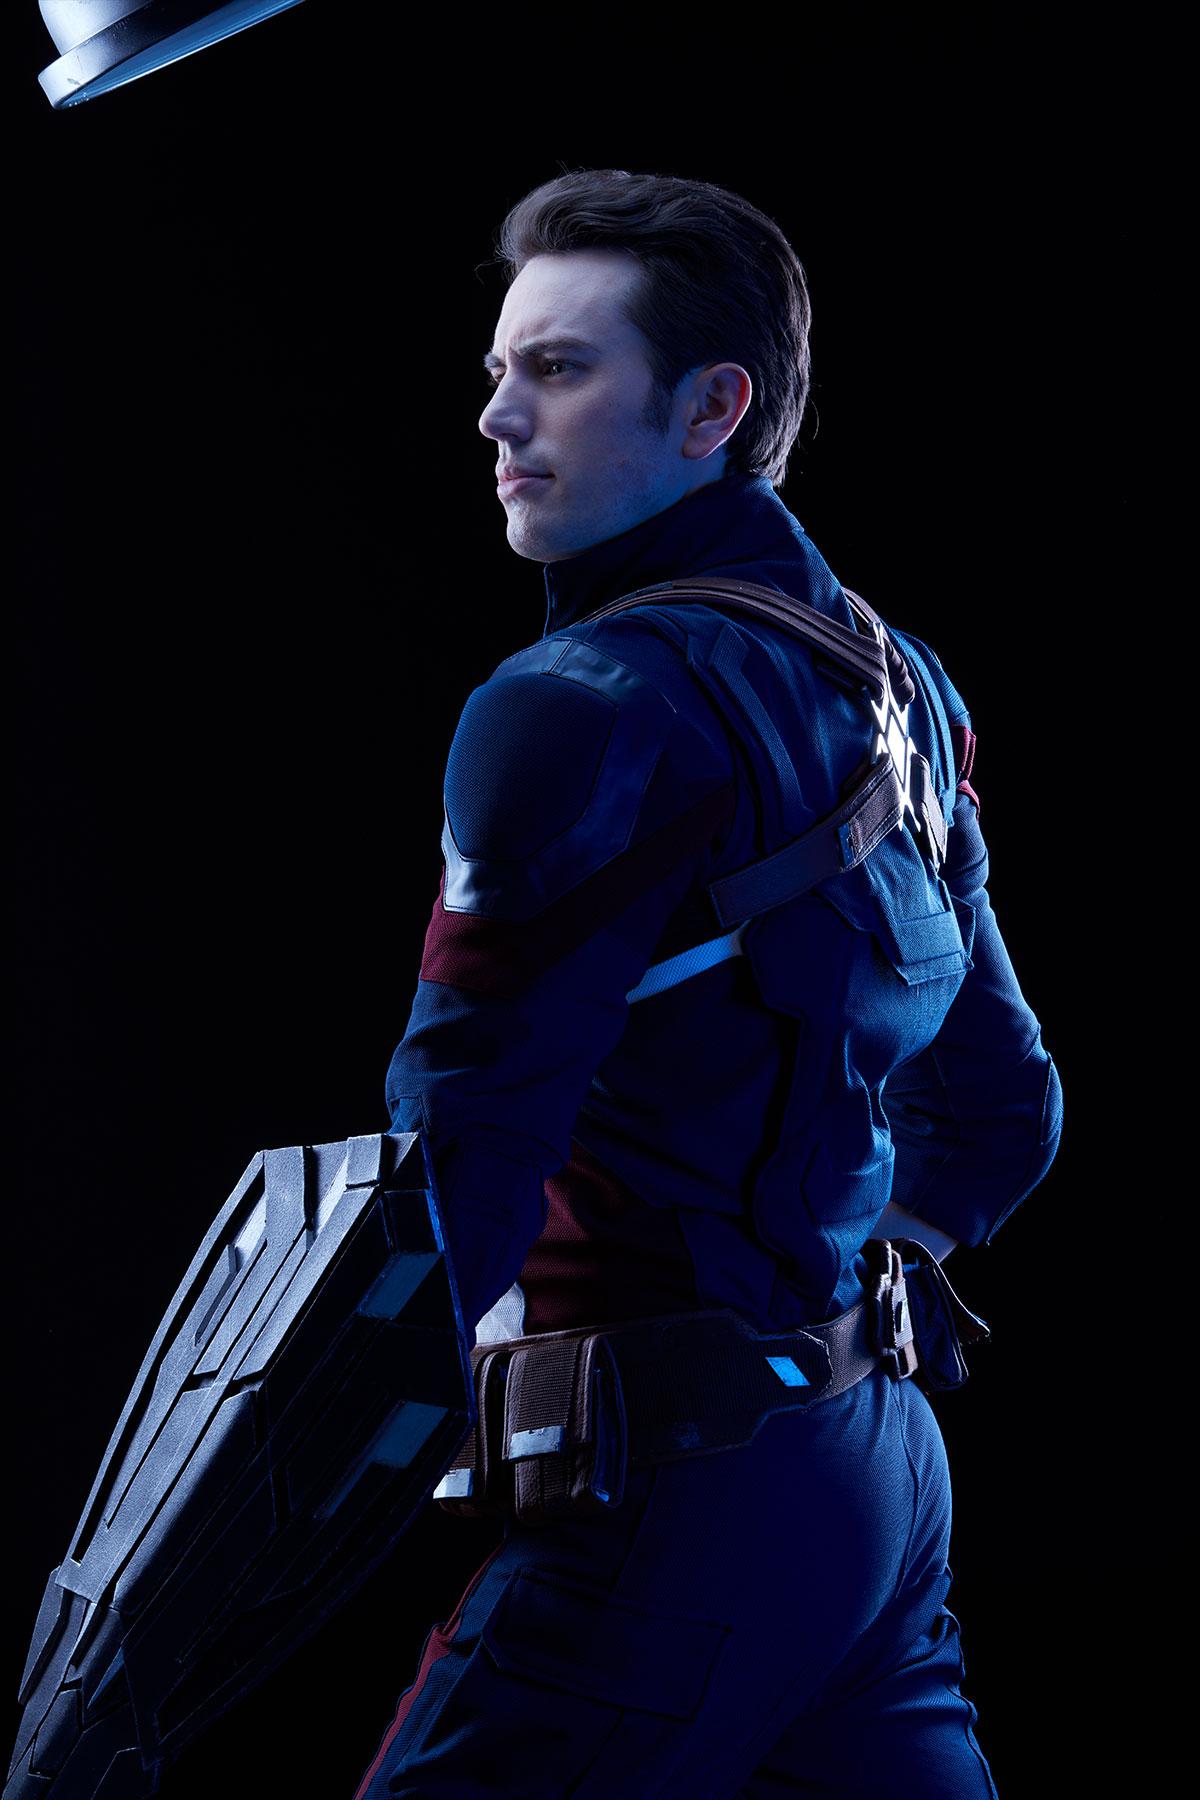 Arthur Sayanoff Captaine America 01 01